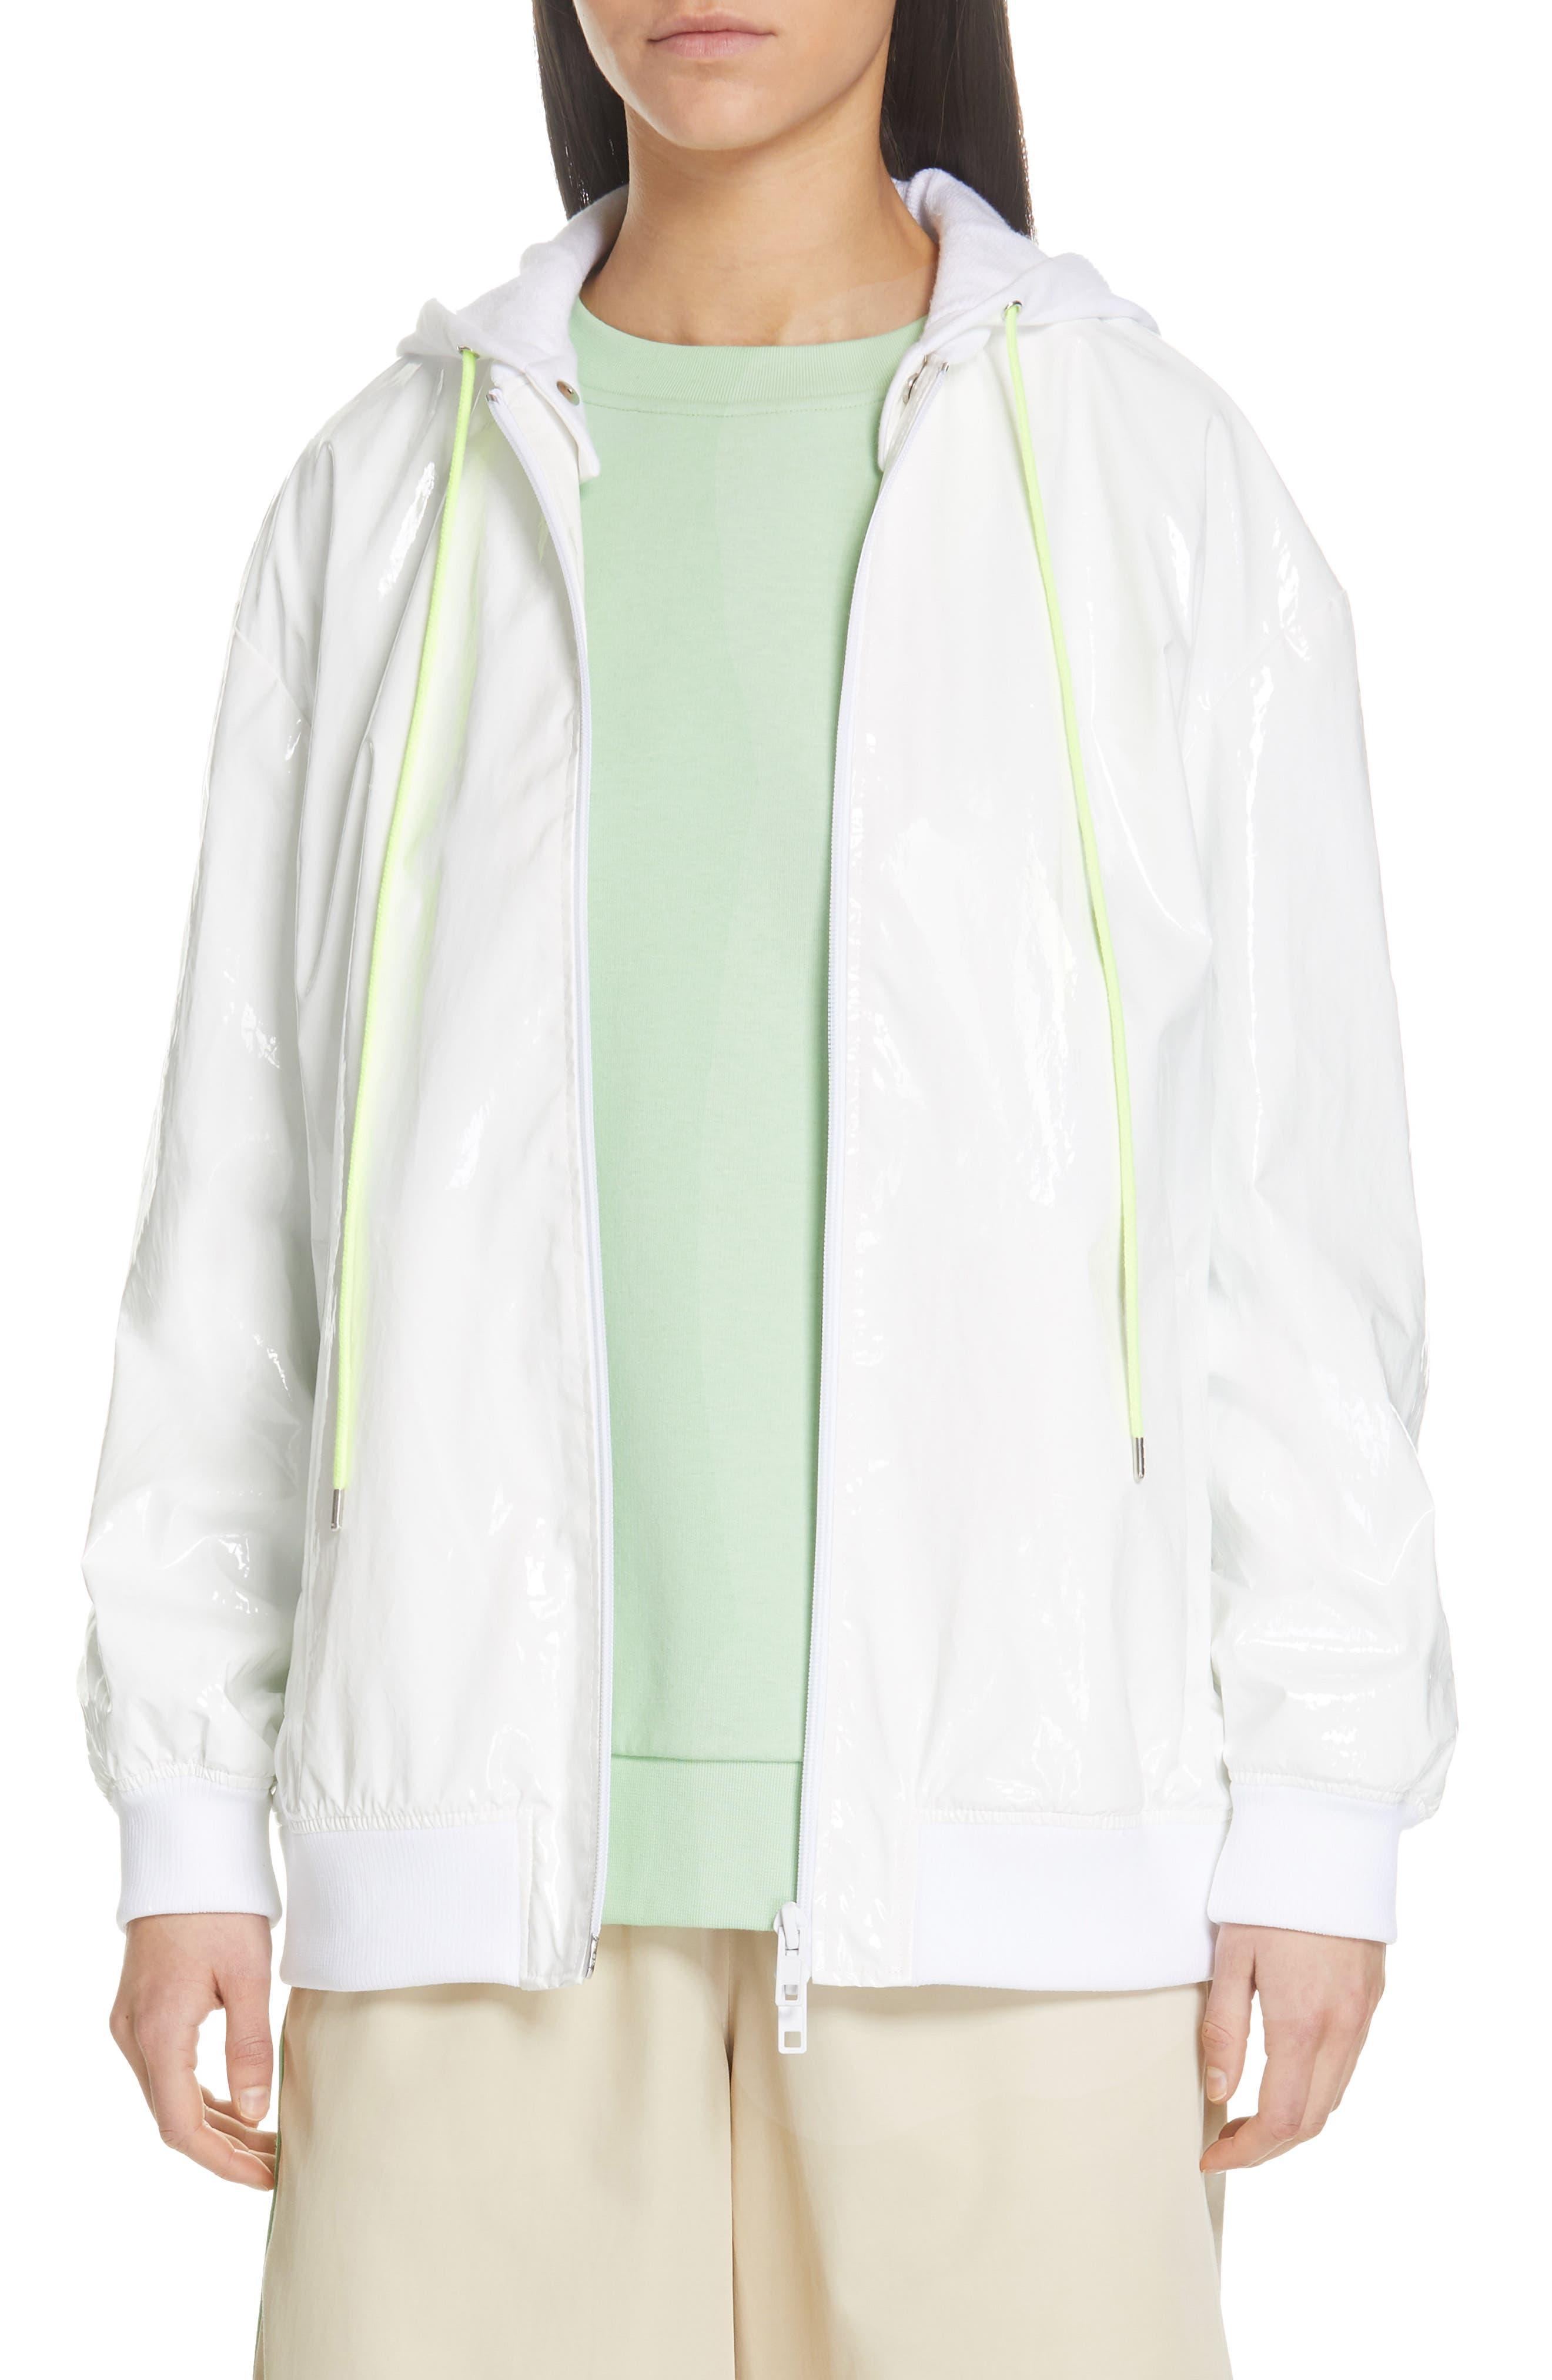 Image of Tibi Zip-Up Coated Jacket